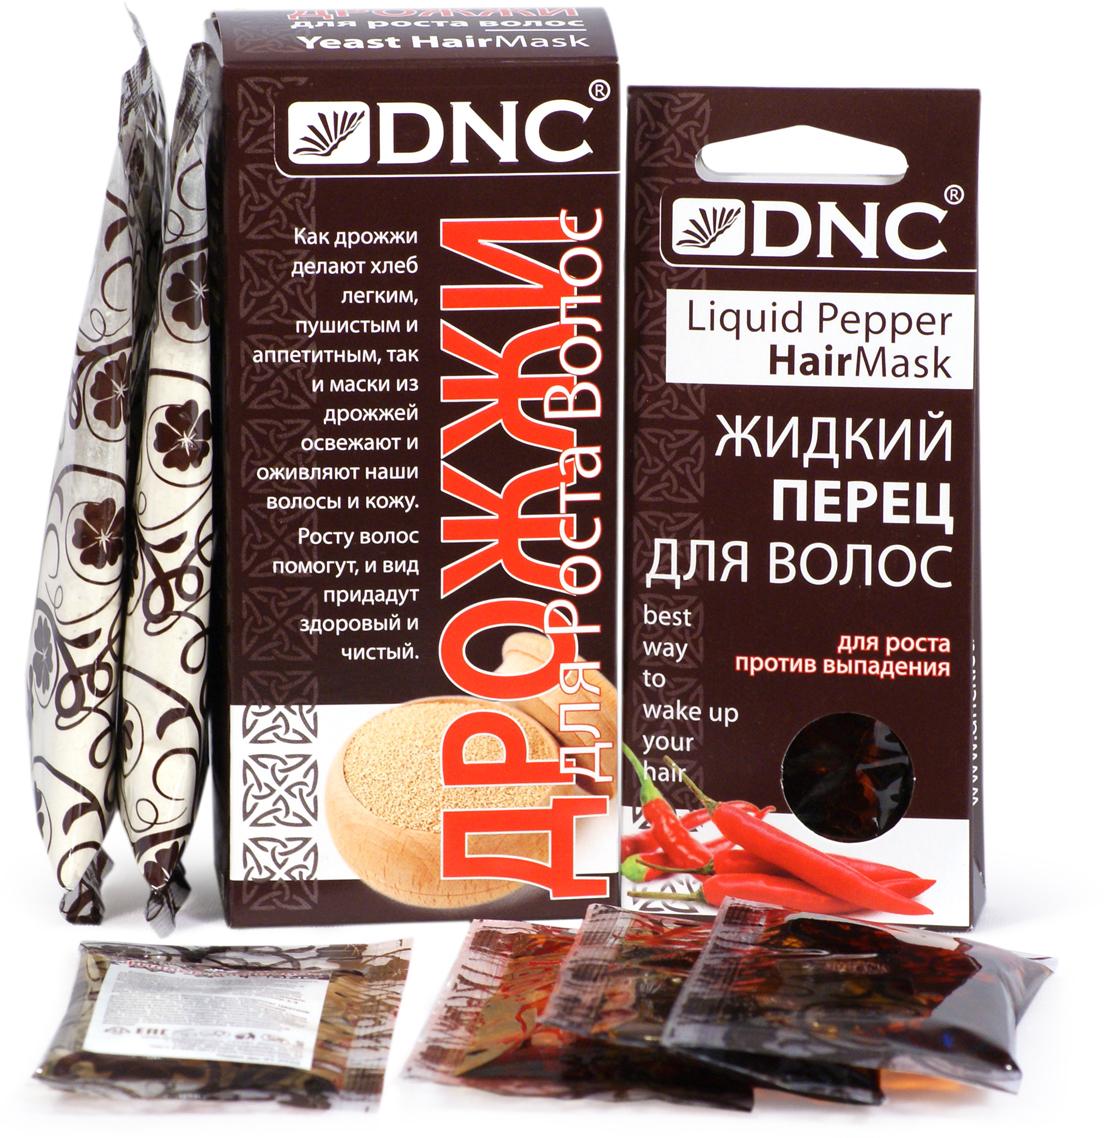 DNC,Маска для волос Дрожжи, 100 г; Жидкий перец для волос, 3 шт х 15 мл + ПОДАРОК Филлер для волос, 15 мл DNC